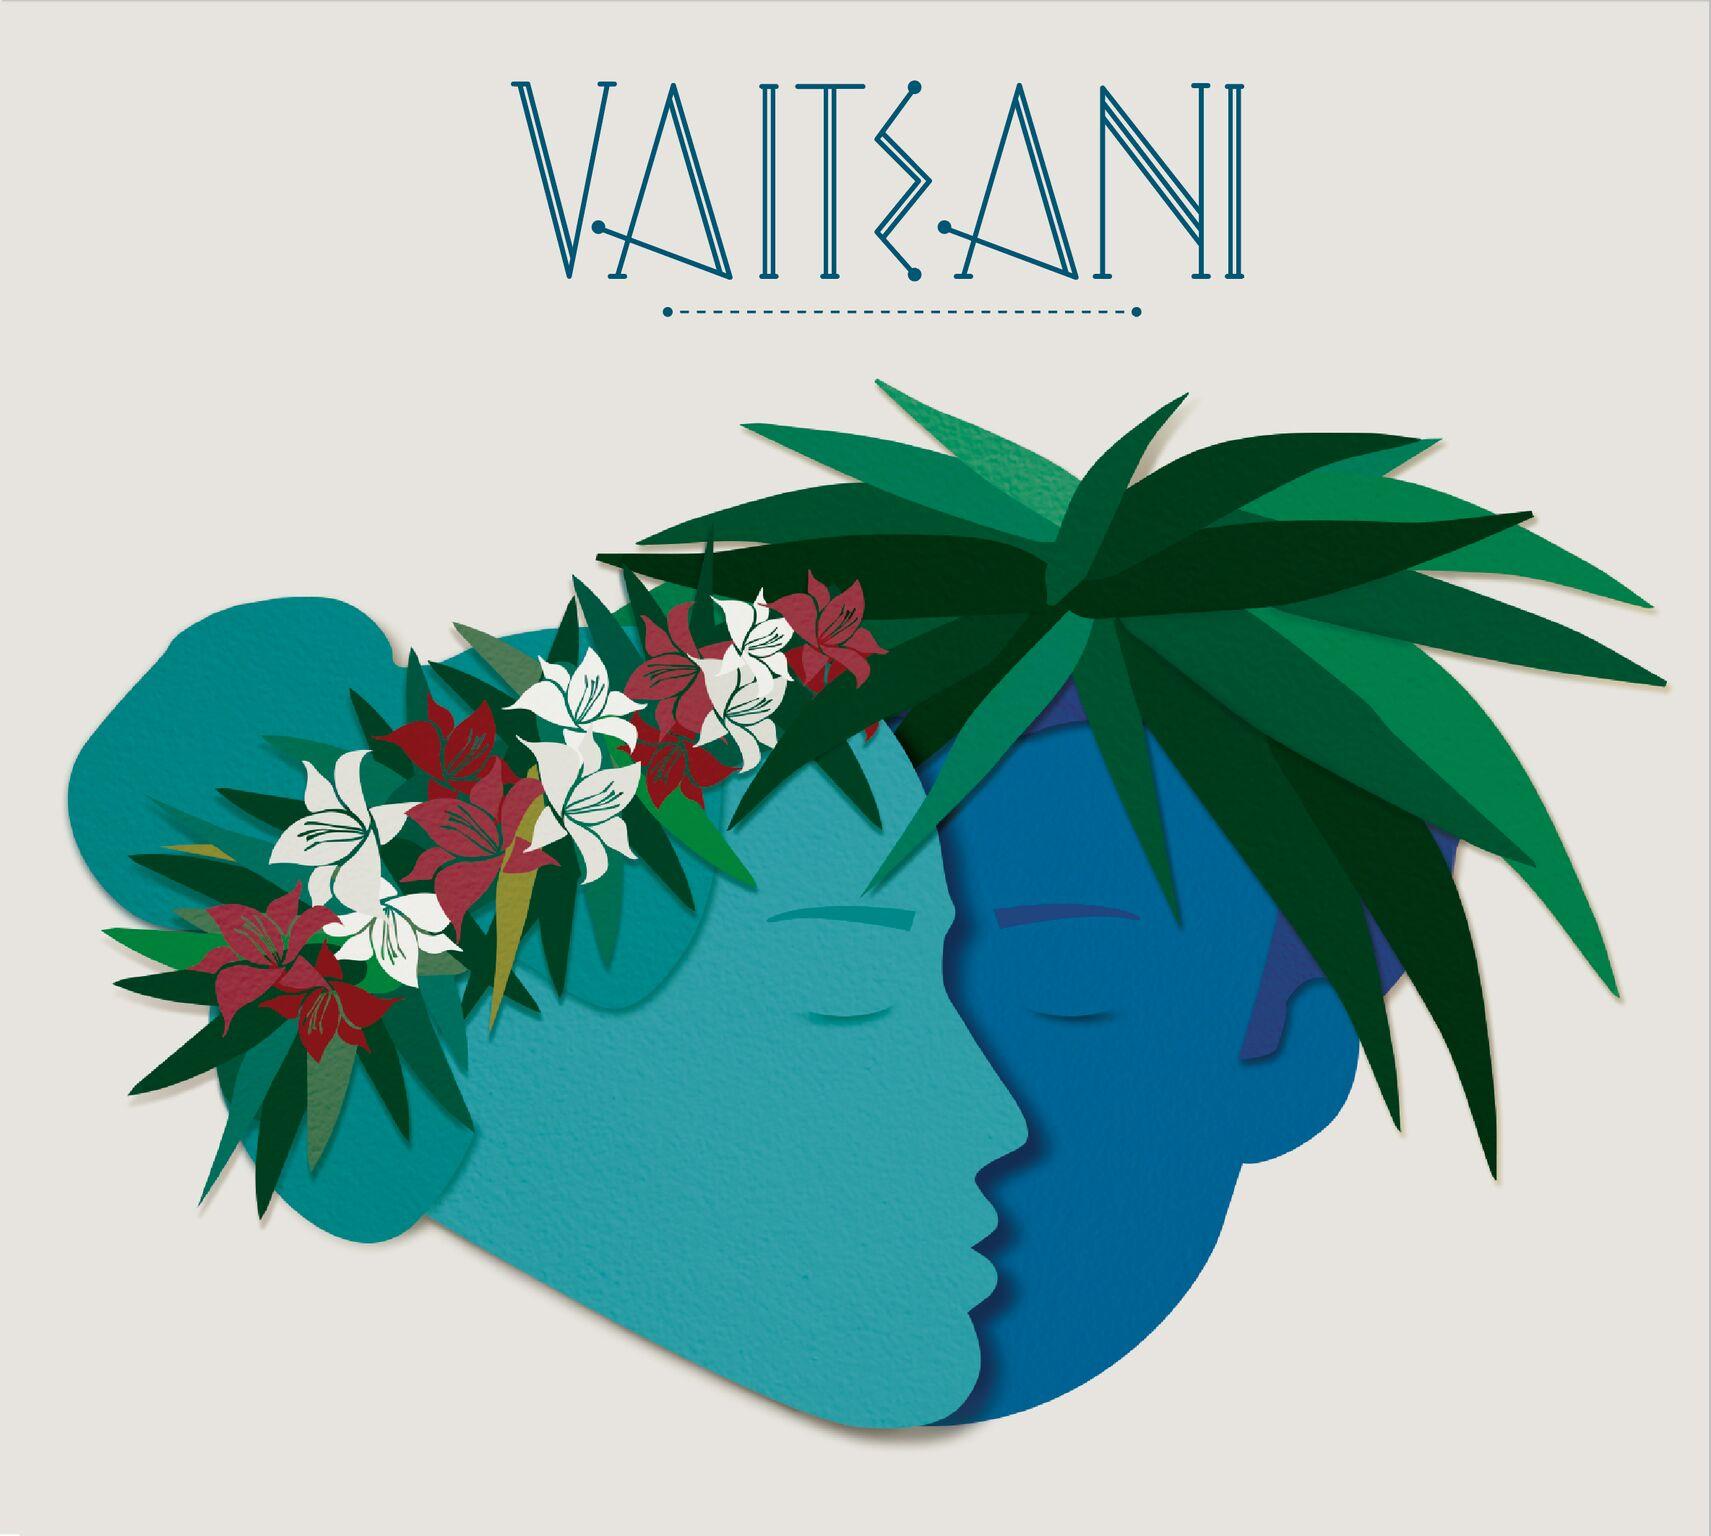 la cover de l'album de Vaiteani